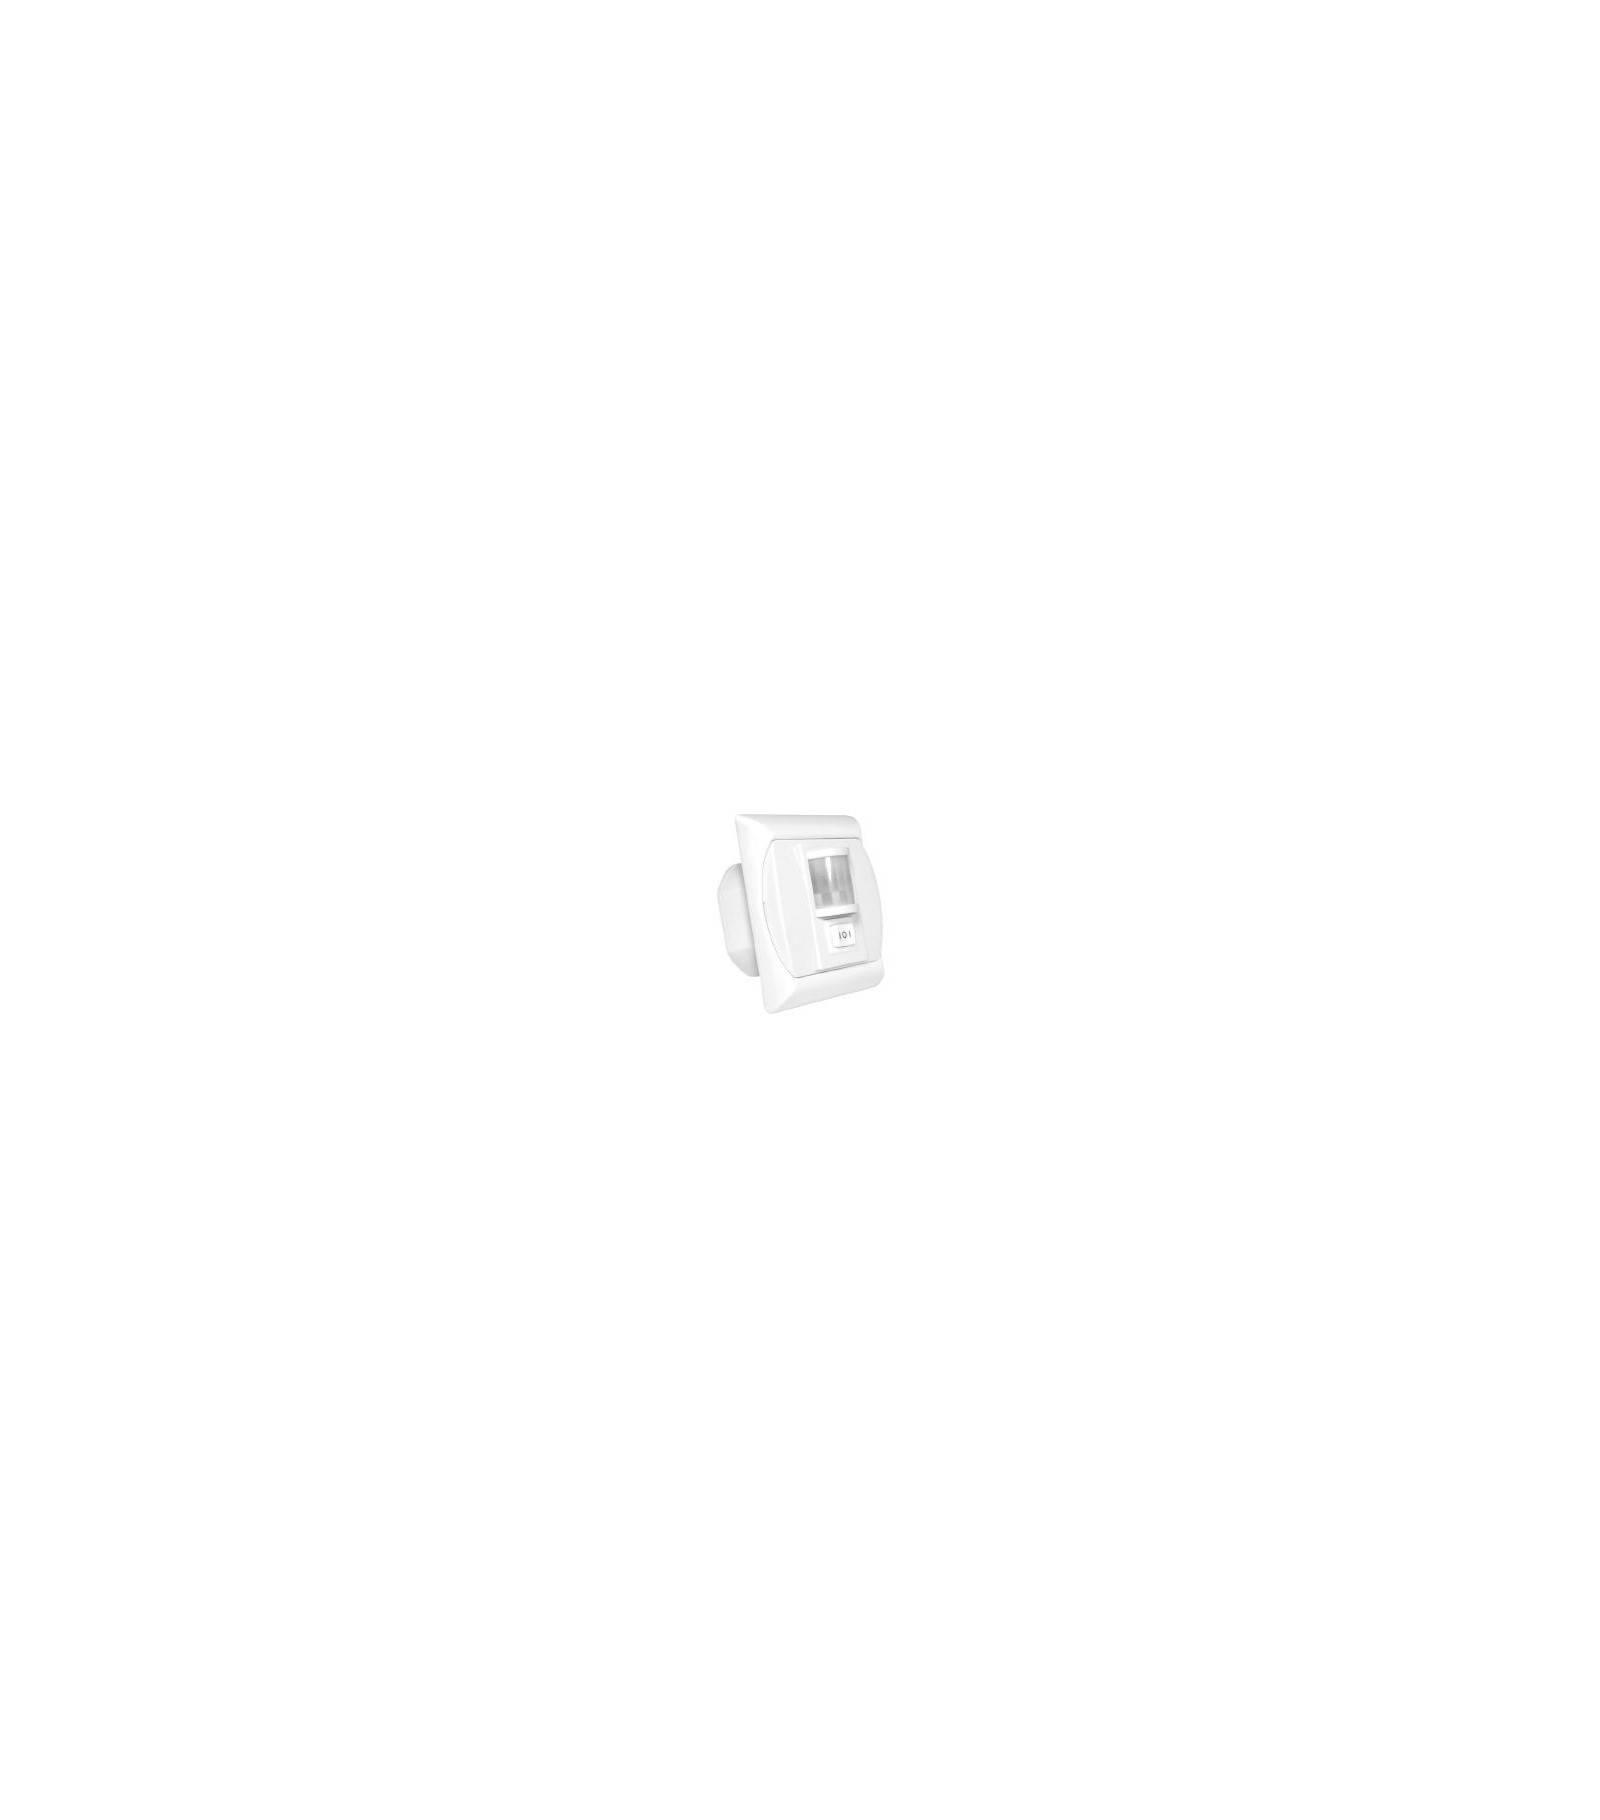 interrupteur d tecteur de mouvement blanc merge jq l 7690. Black Bedroom Furniture Sets. Home Design Ideas